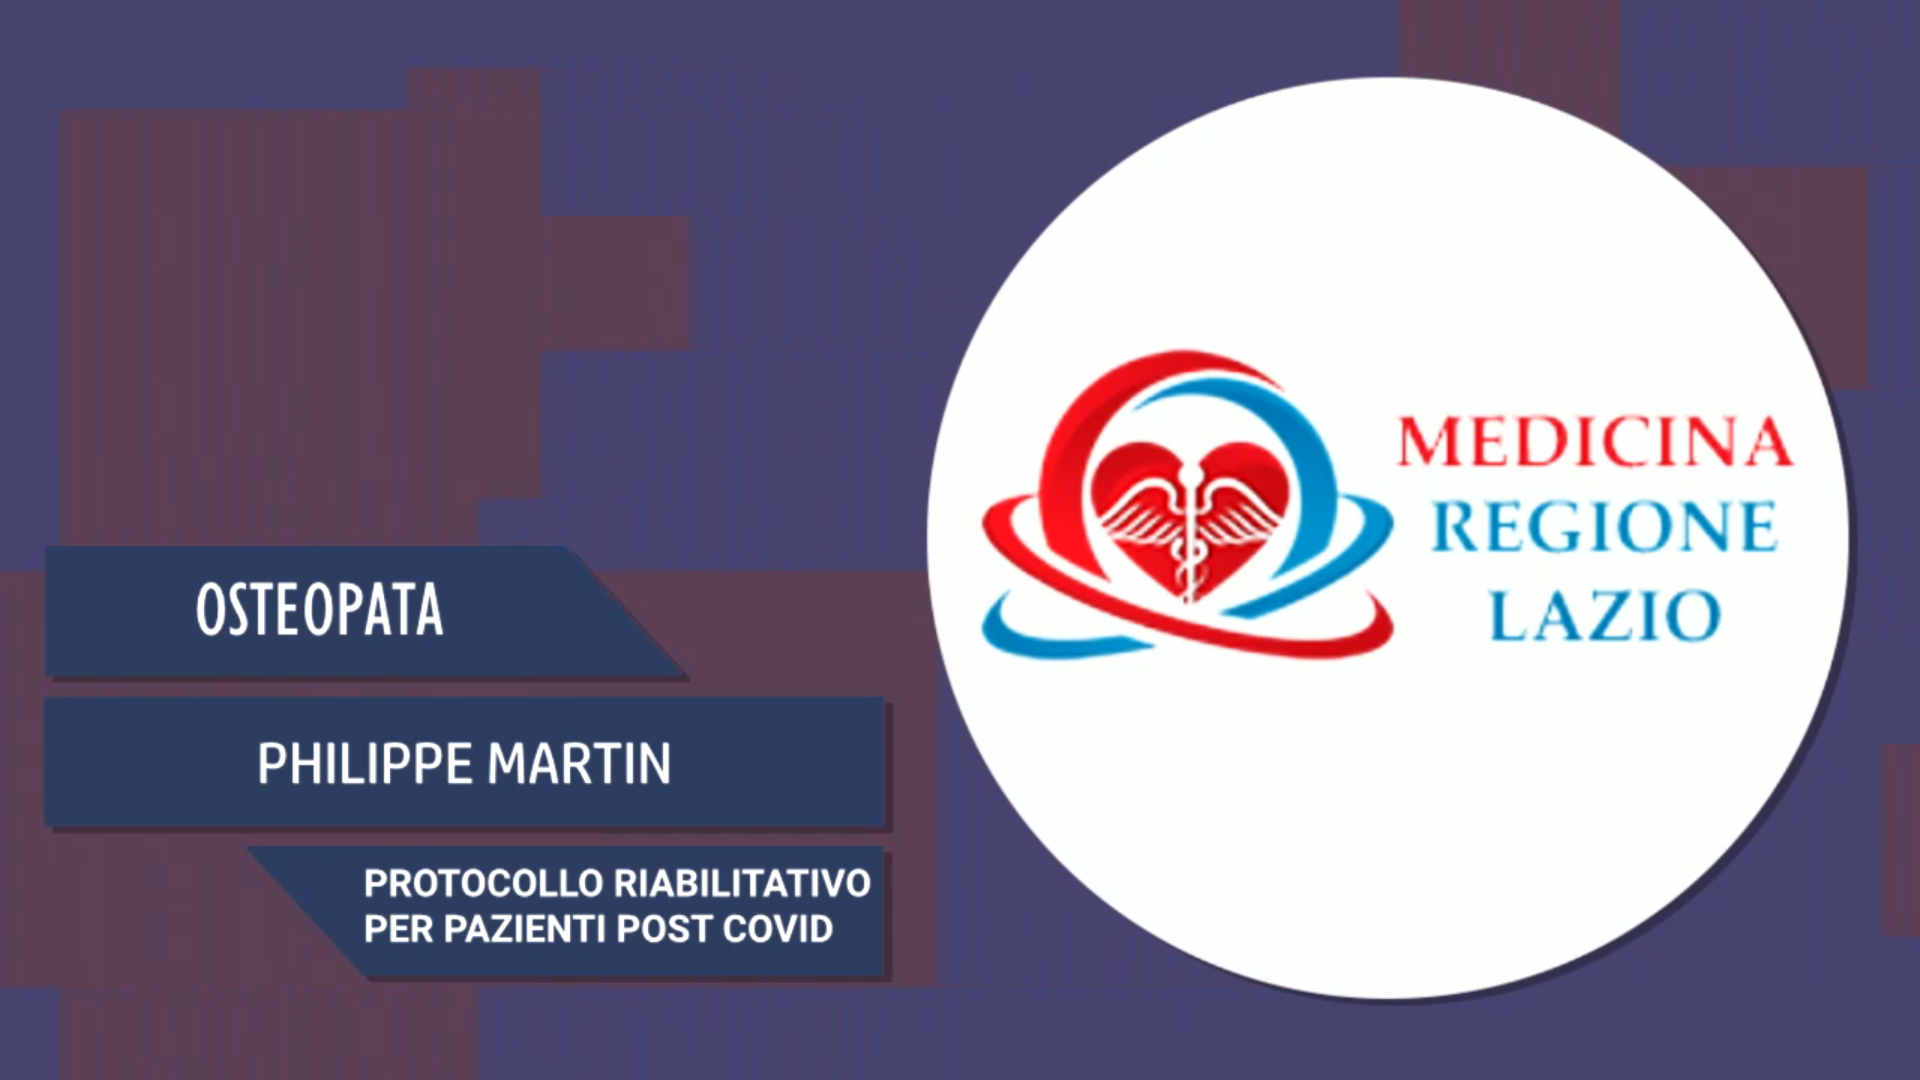 Intervista a Philippe Martin – Protocollo riabilitativo per pazienti Post Covid